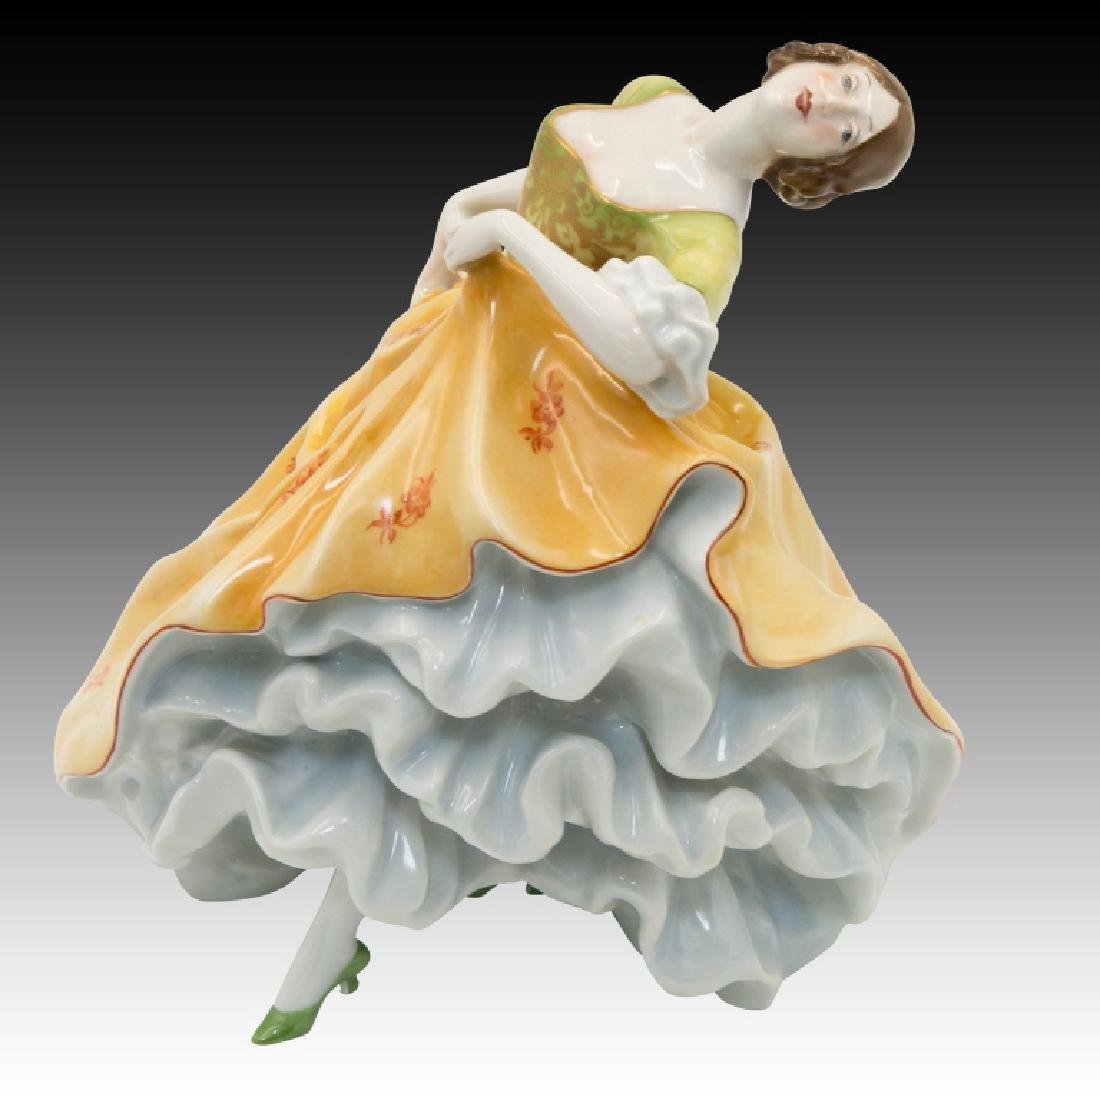 Rosenthal Rococo Figure of Girl Dancing - 2